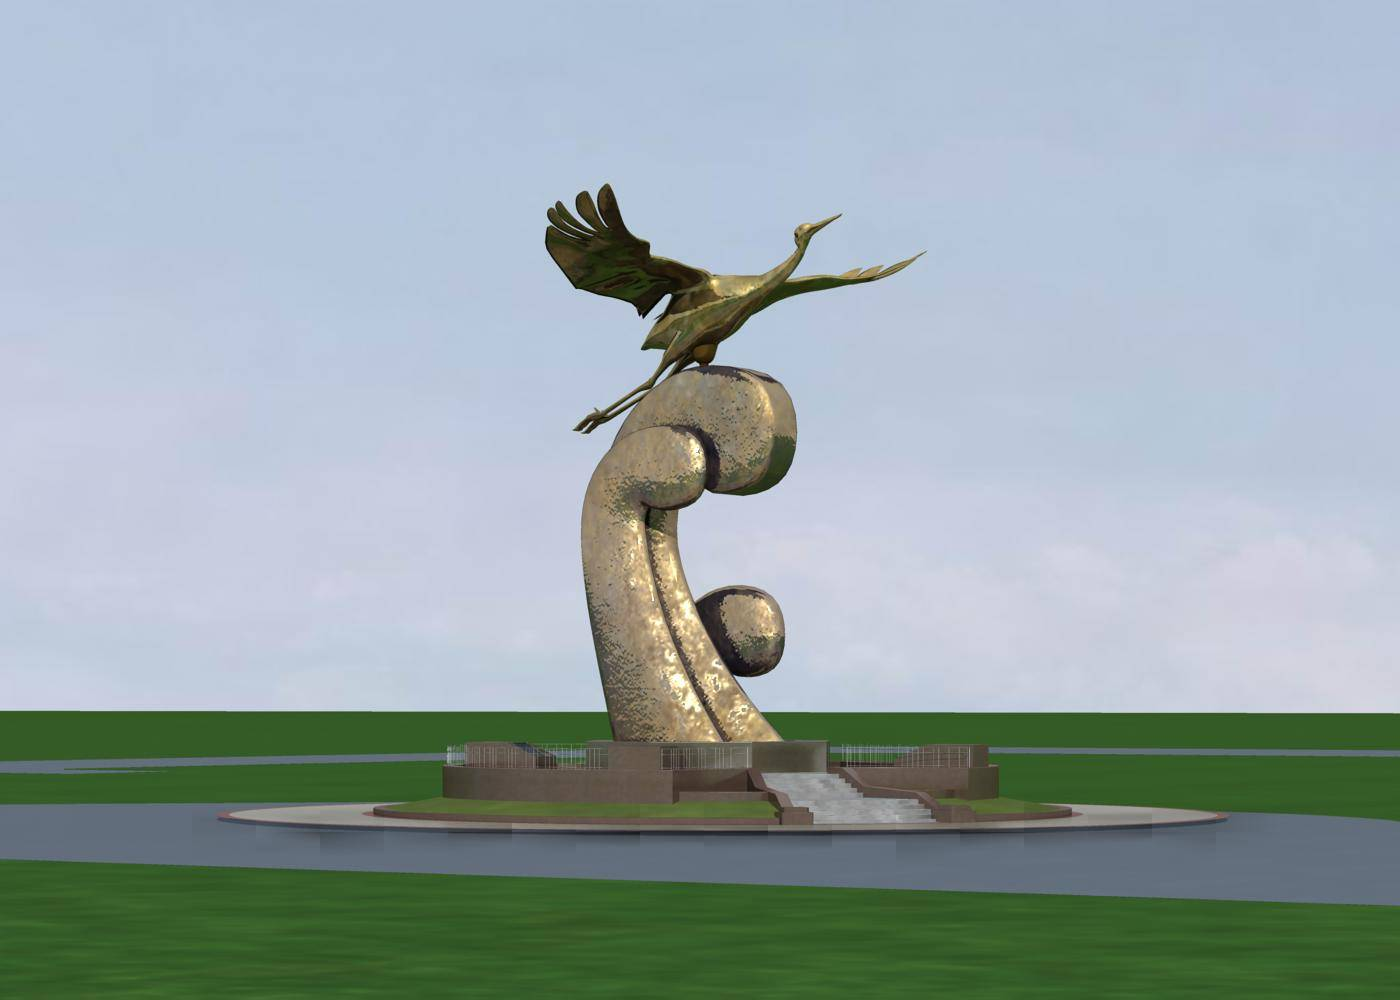 城市小品--雕塑